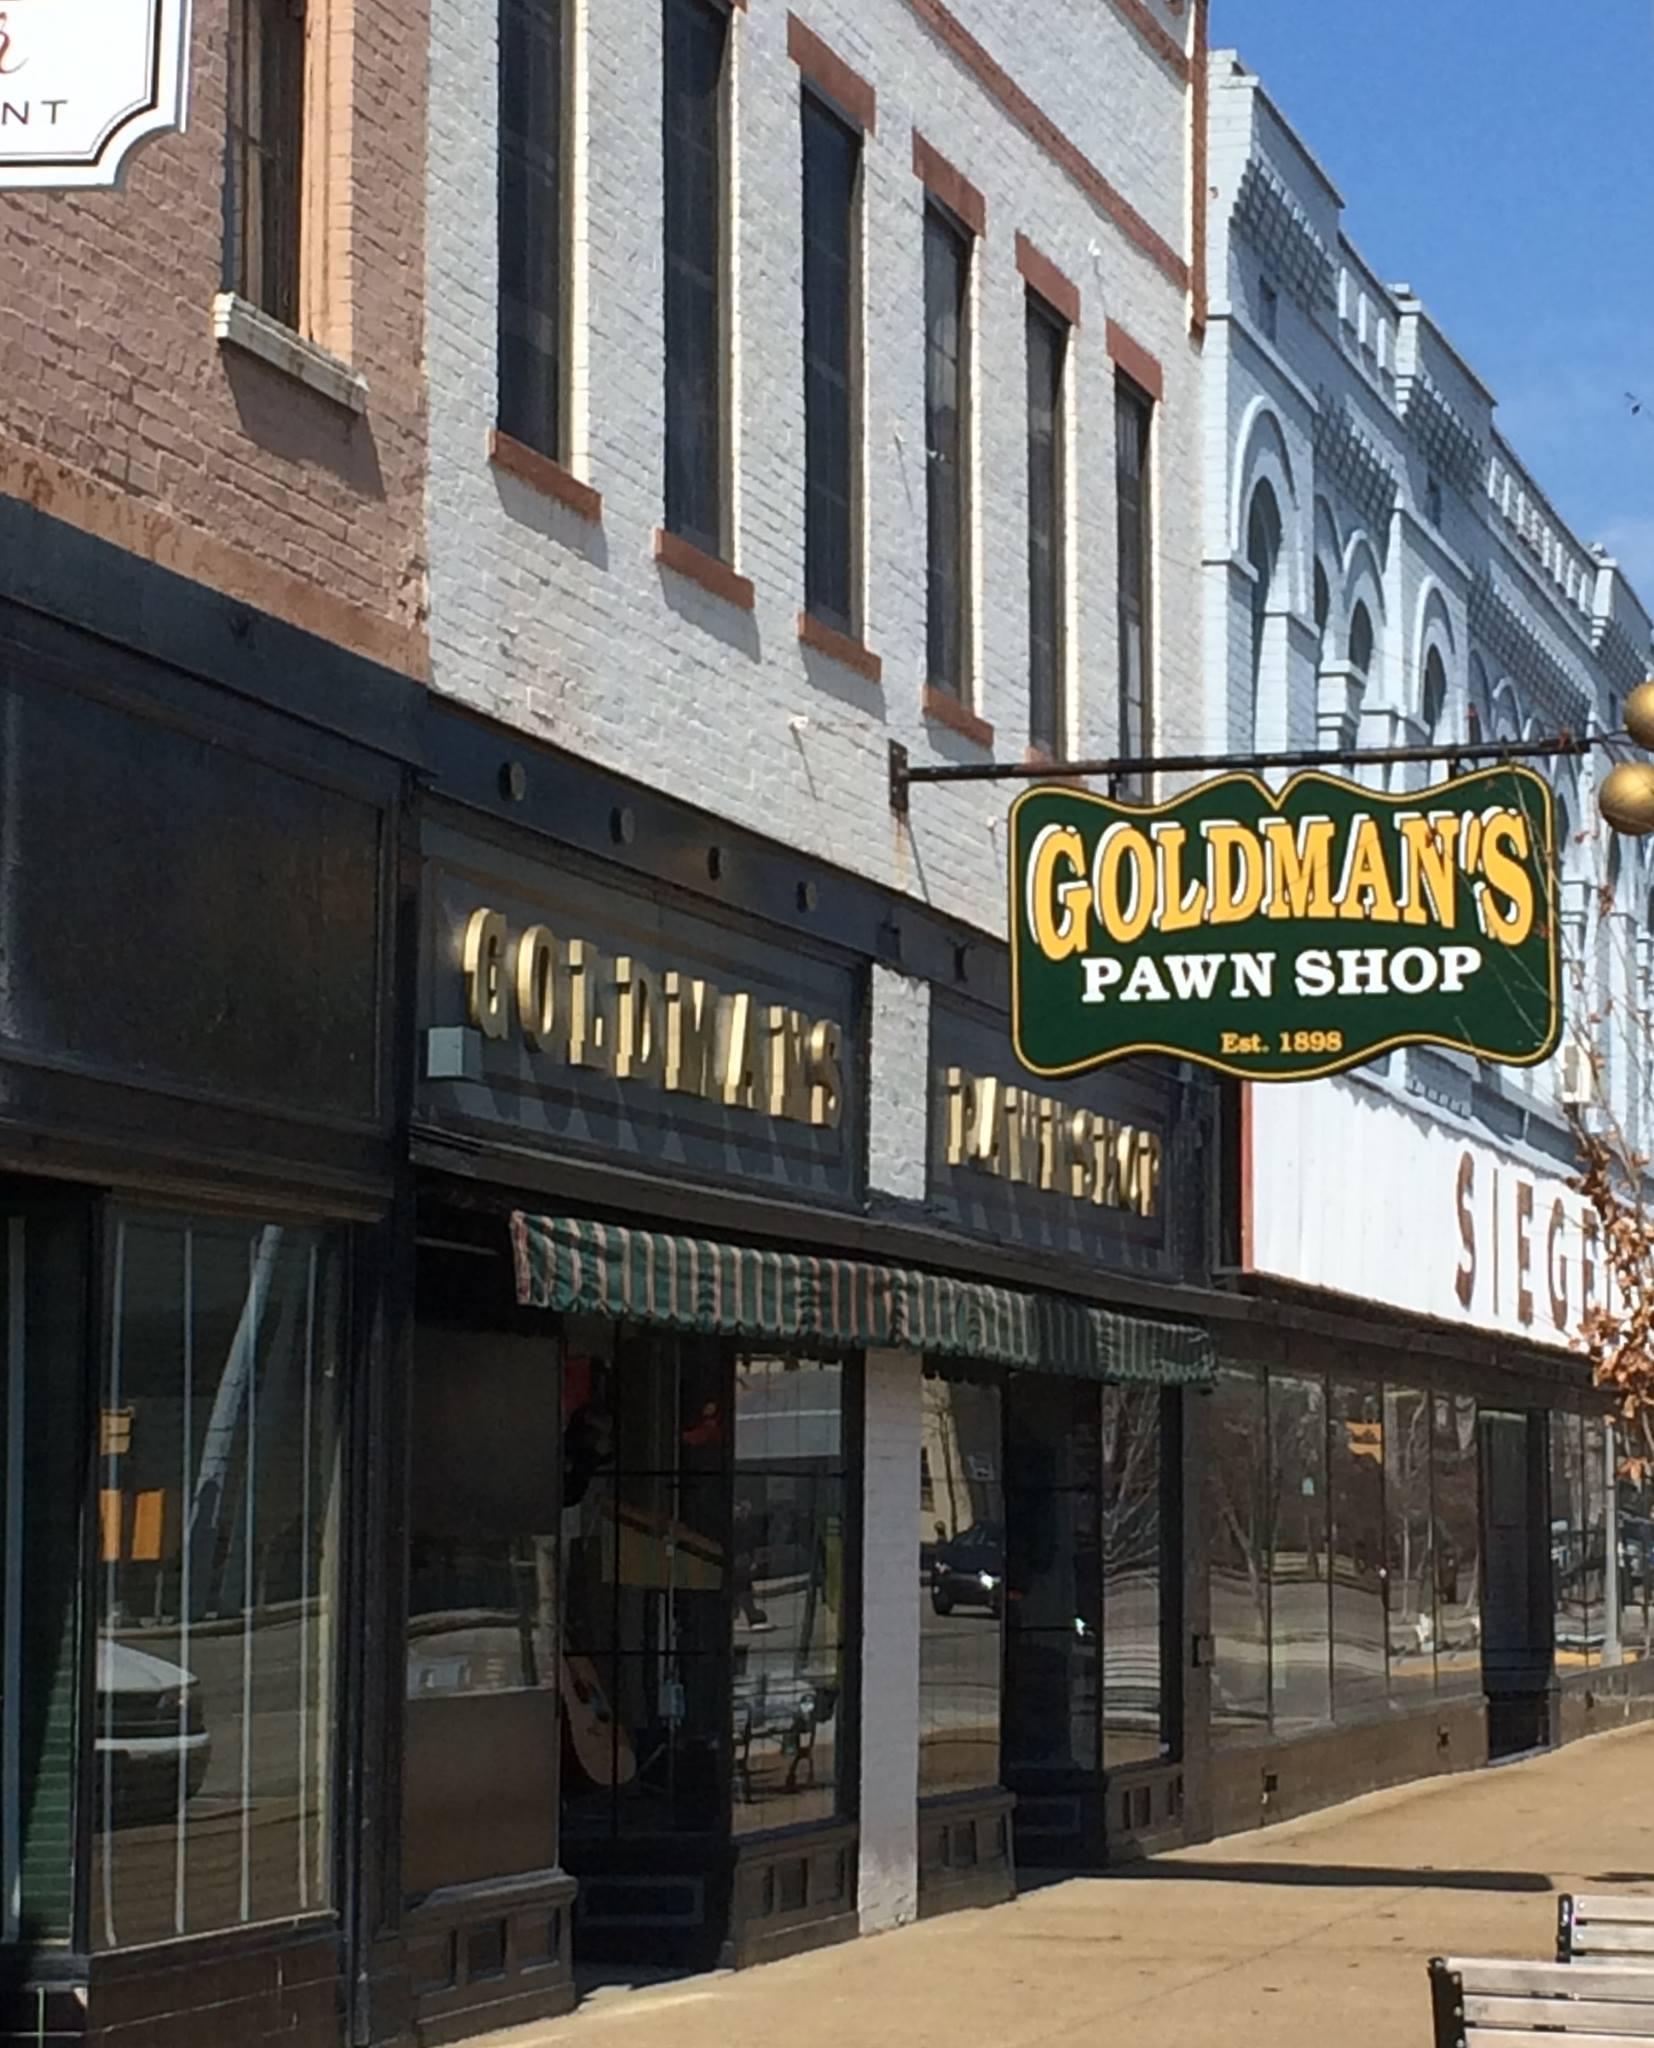 GOLDMAN'S PAWN SHOP